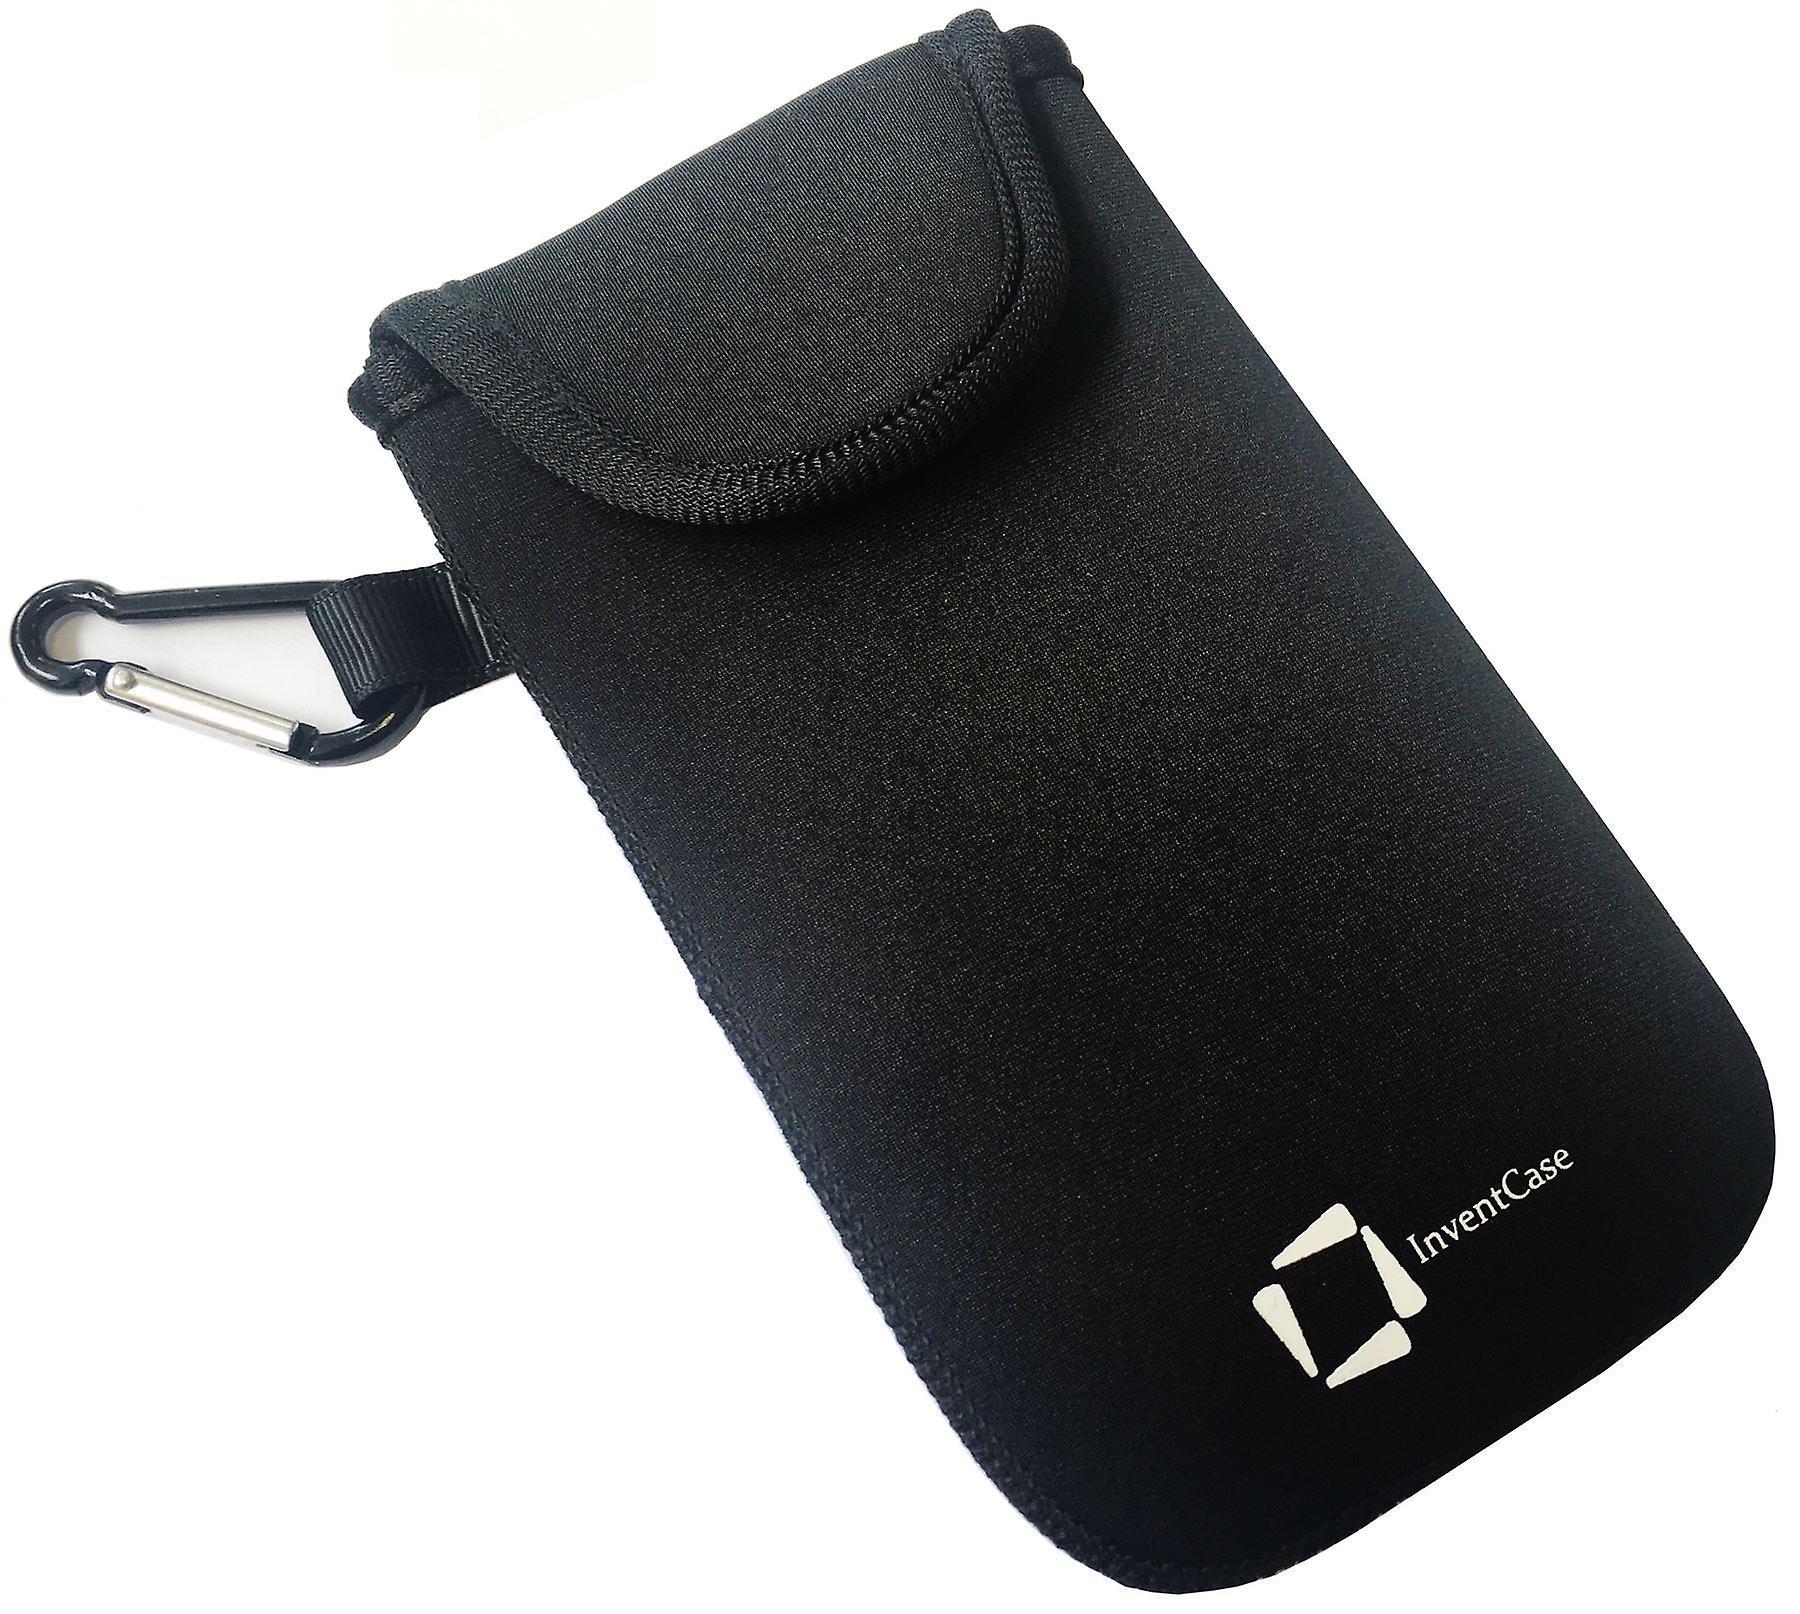 كيس تغطية القضية الحقيبة واقية مقاومة لتأثير النيوبرين إينفينتكاسي مع إغلاق Velcro و Carabiner الألومنيوم لشركة الكاتيل البوب + 4-أسود